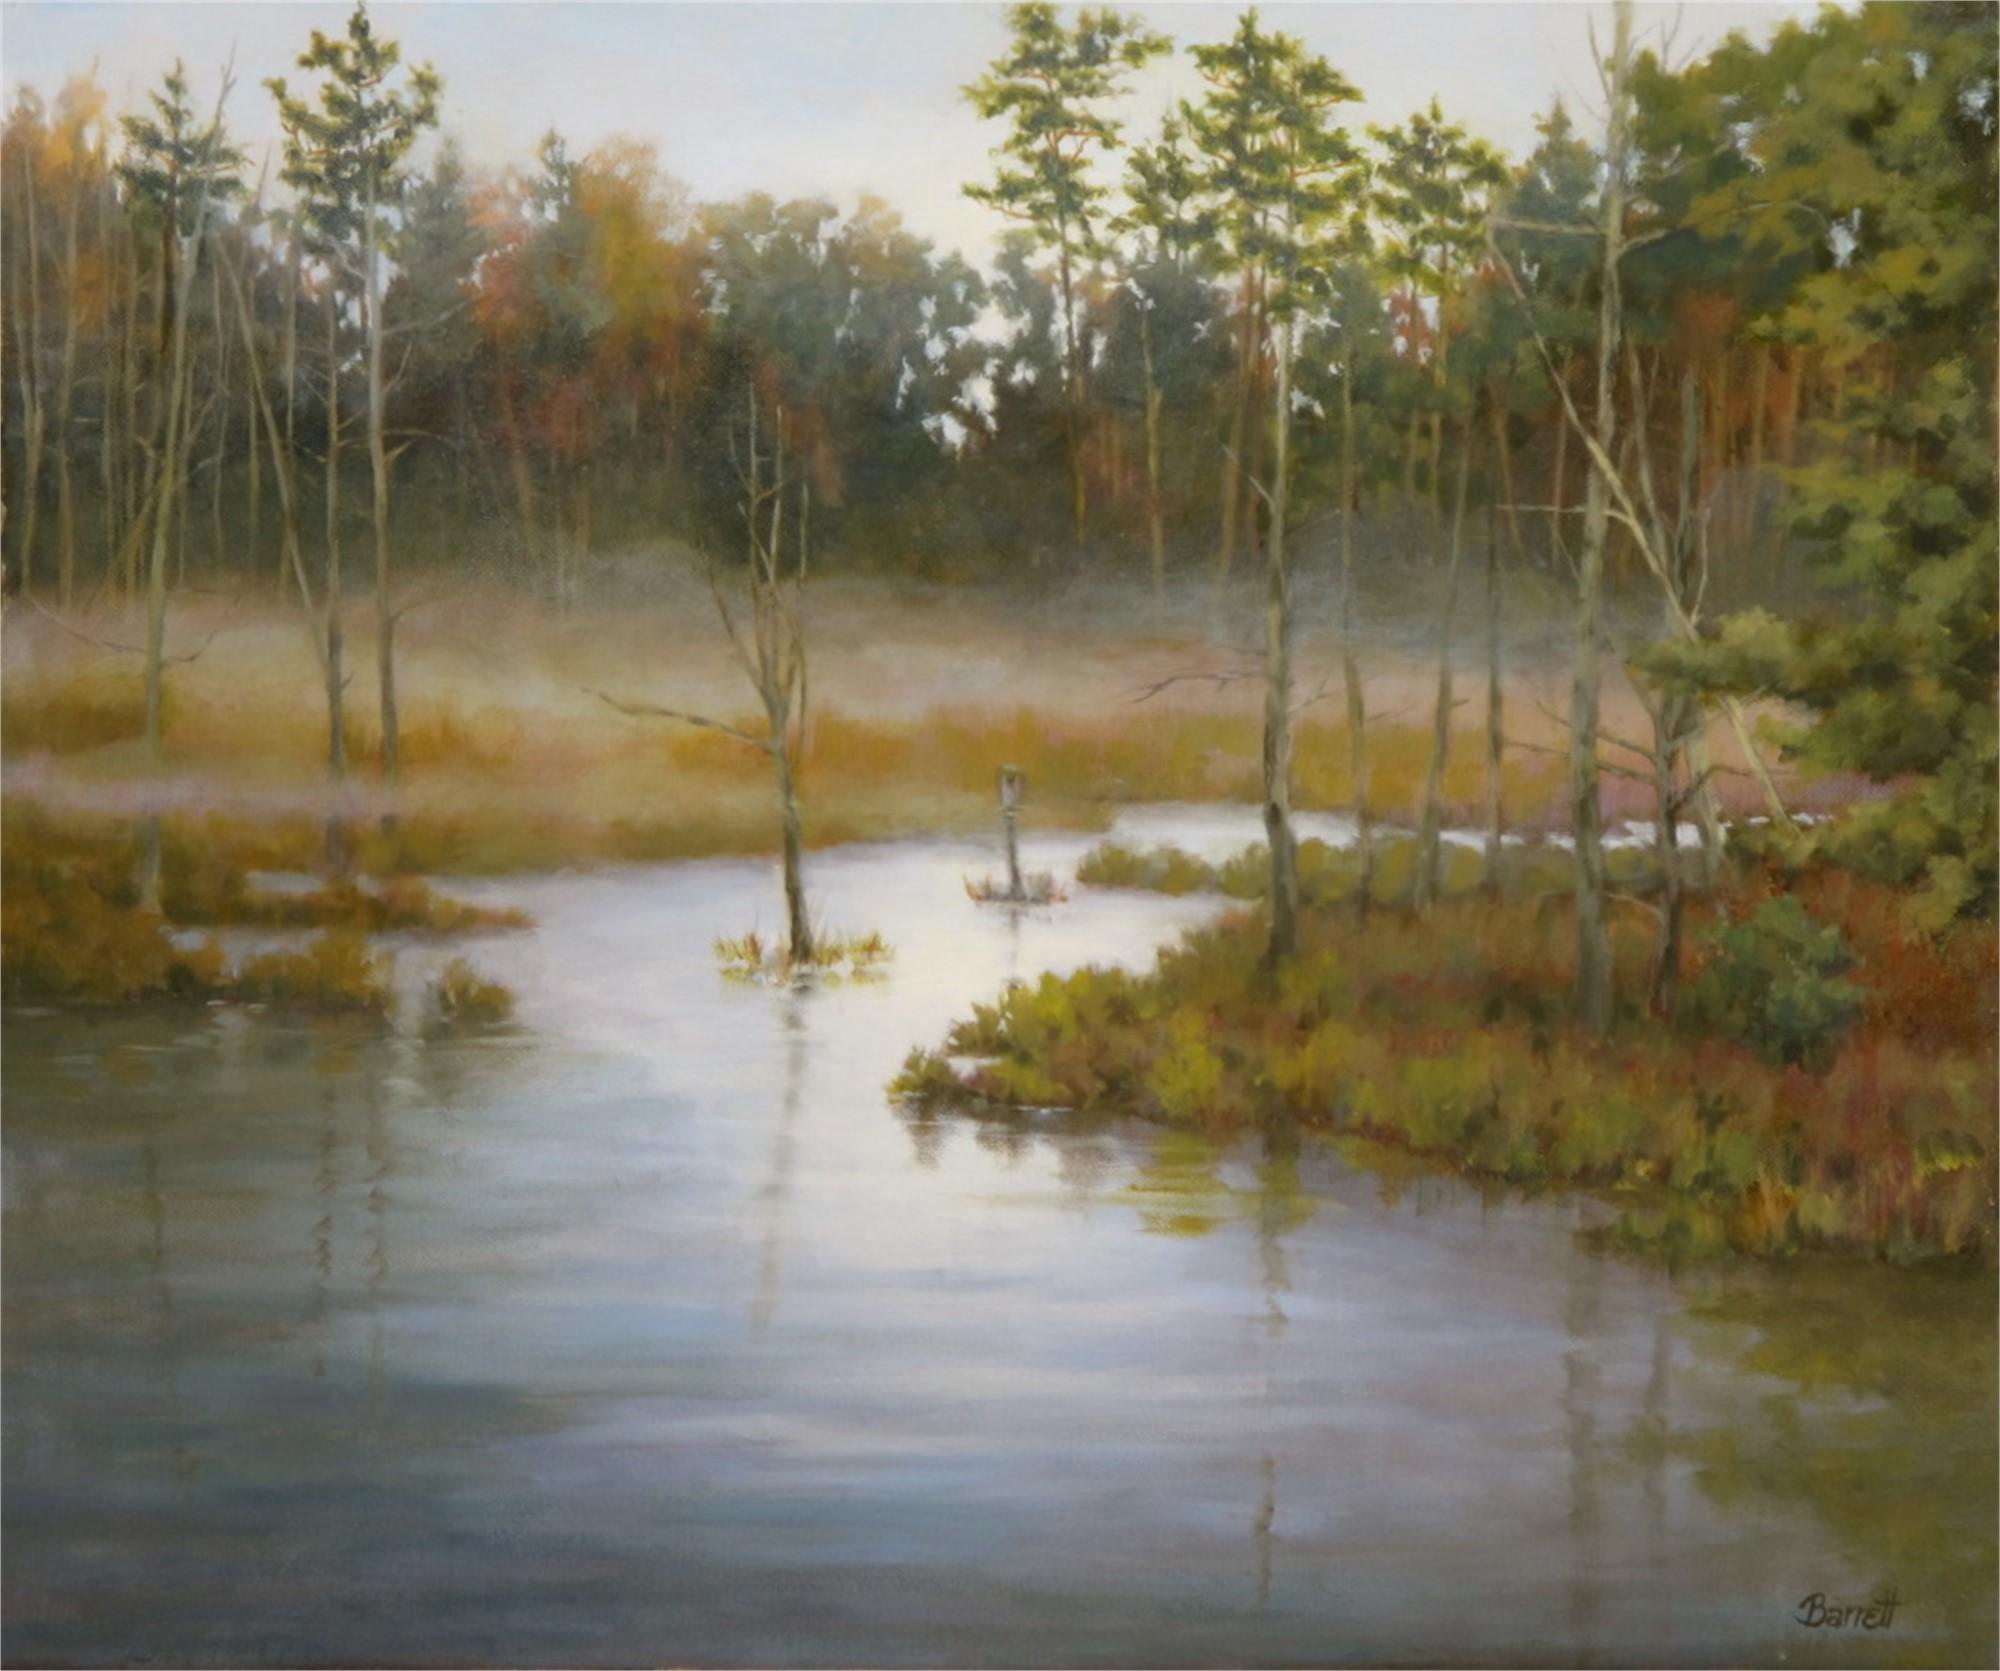 Dawns Silence by Barrett Edwards